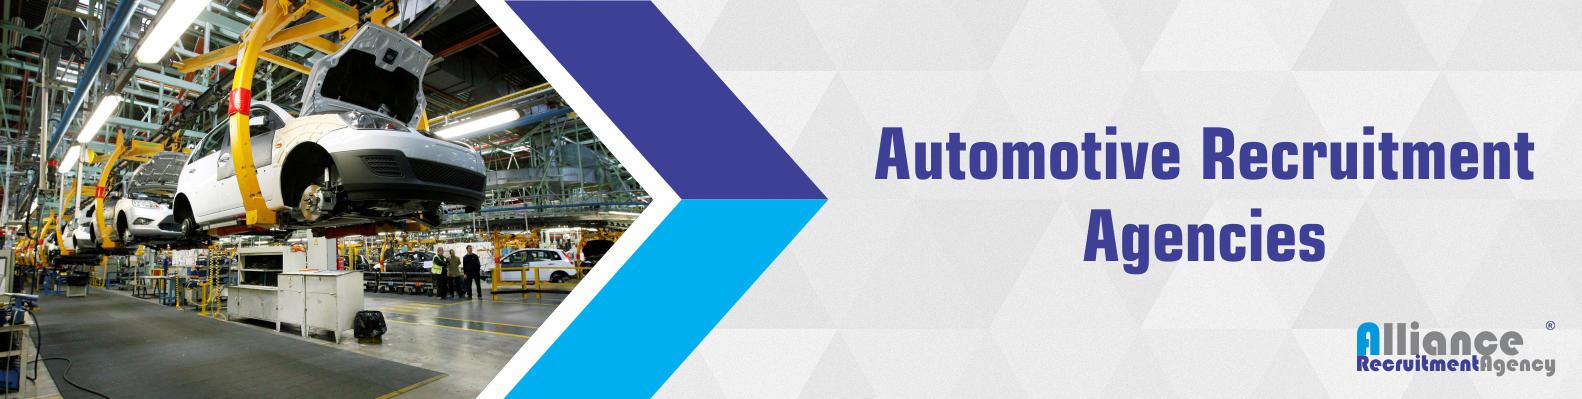 Best Automotive Recruitment Agencies